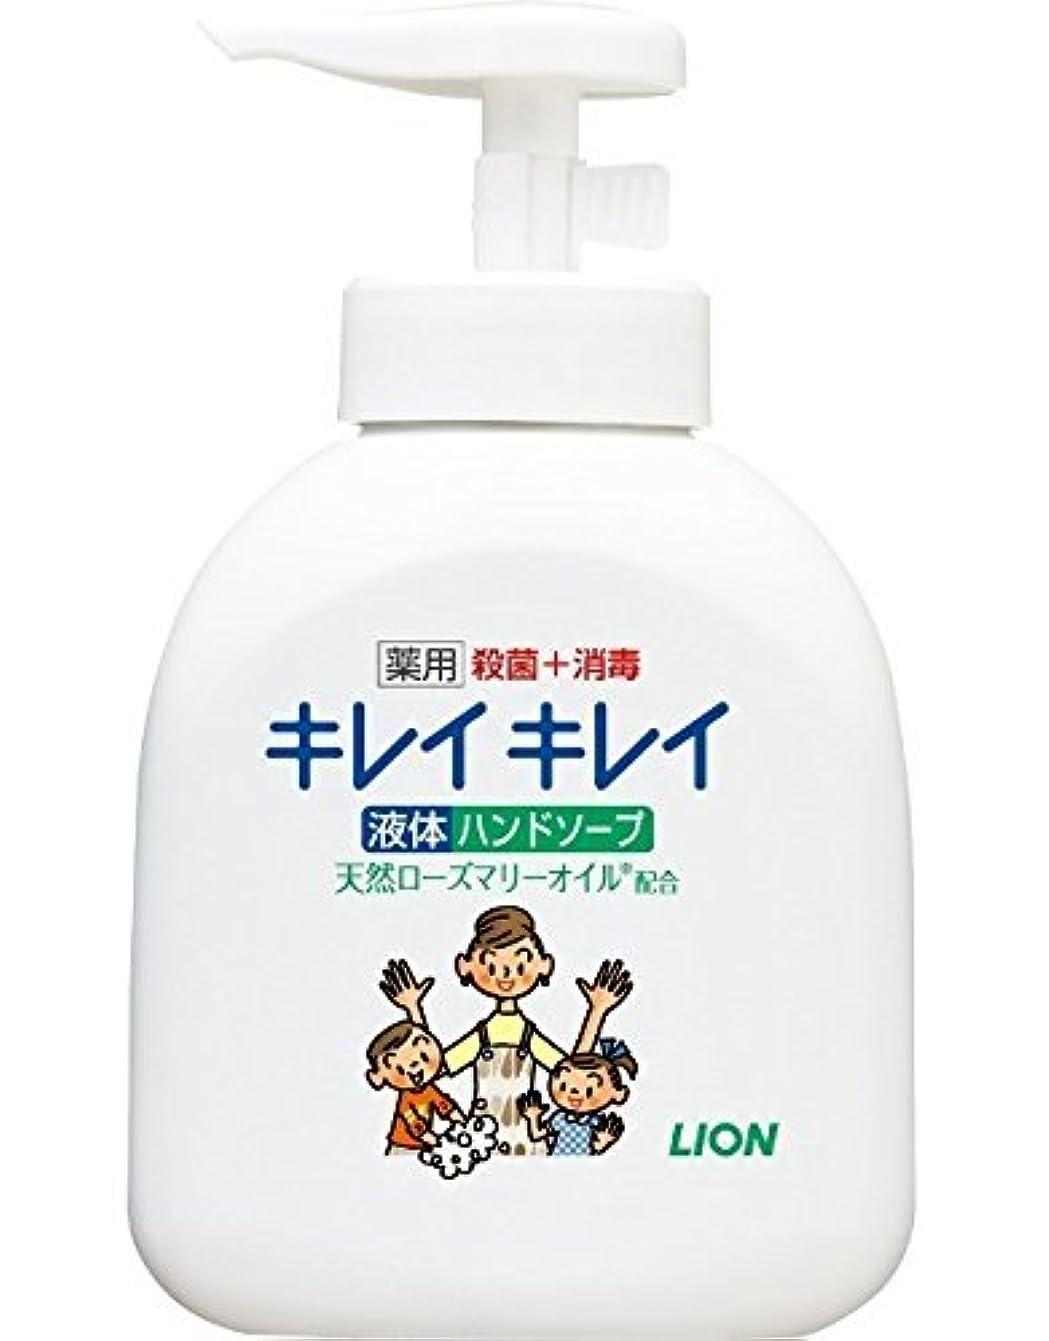 重要宿命アルバニー【ライオン】キレイキレイ薬用液体ハンドソープ 本体ポンプ 250ml ×10個セット